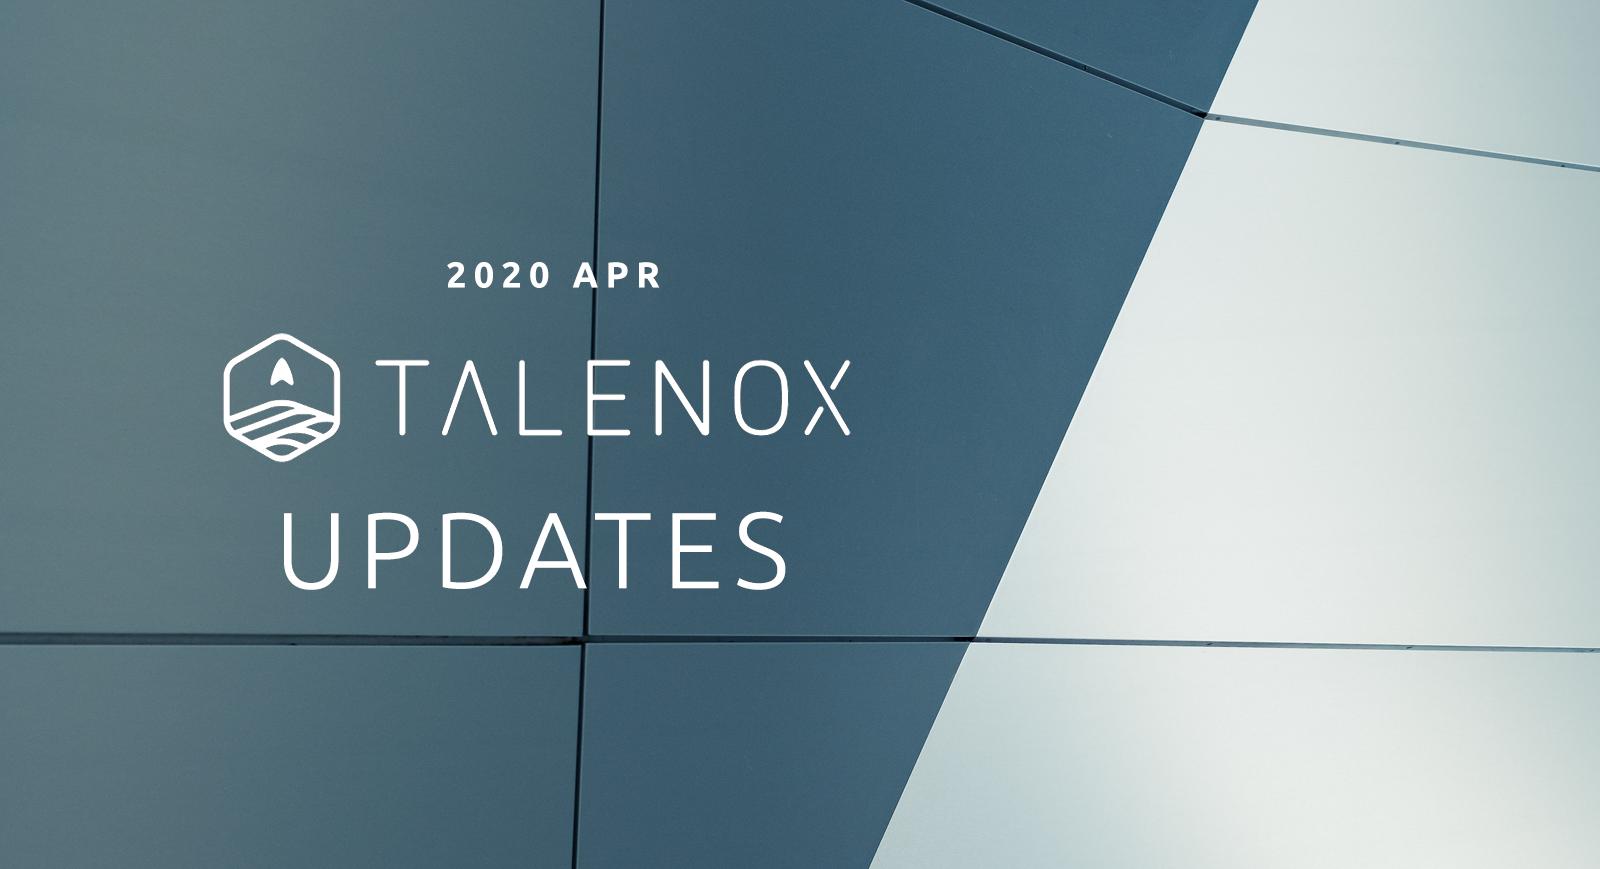 talenox updates